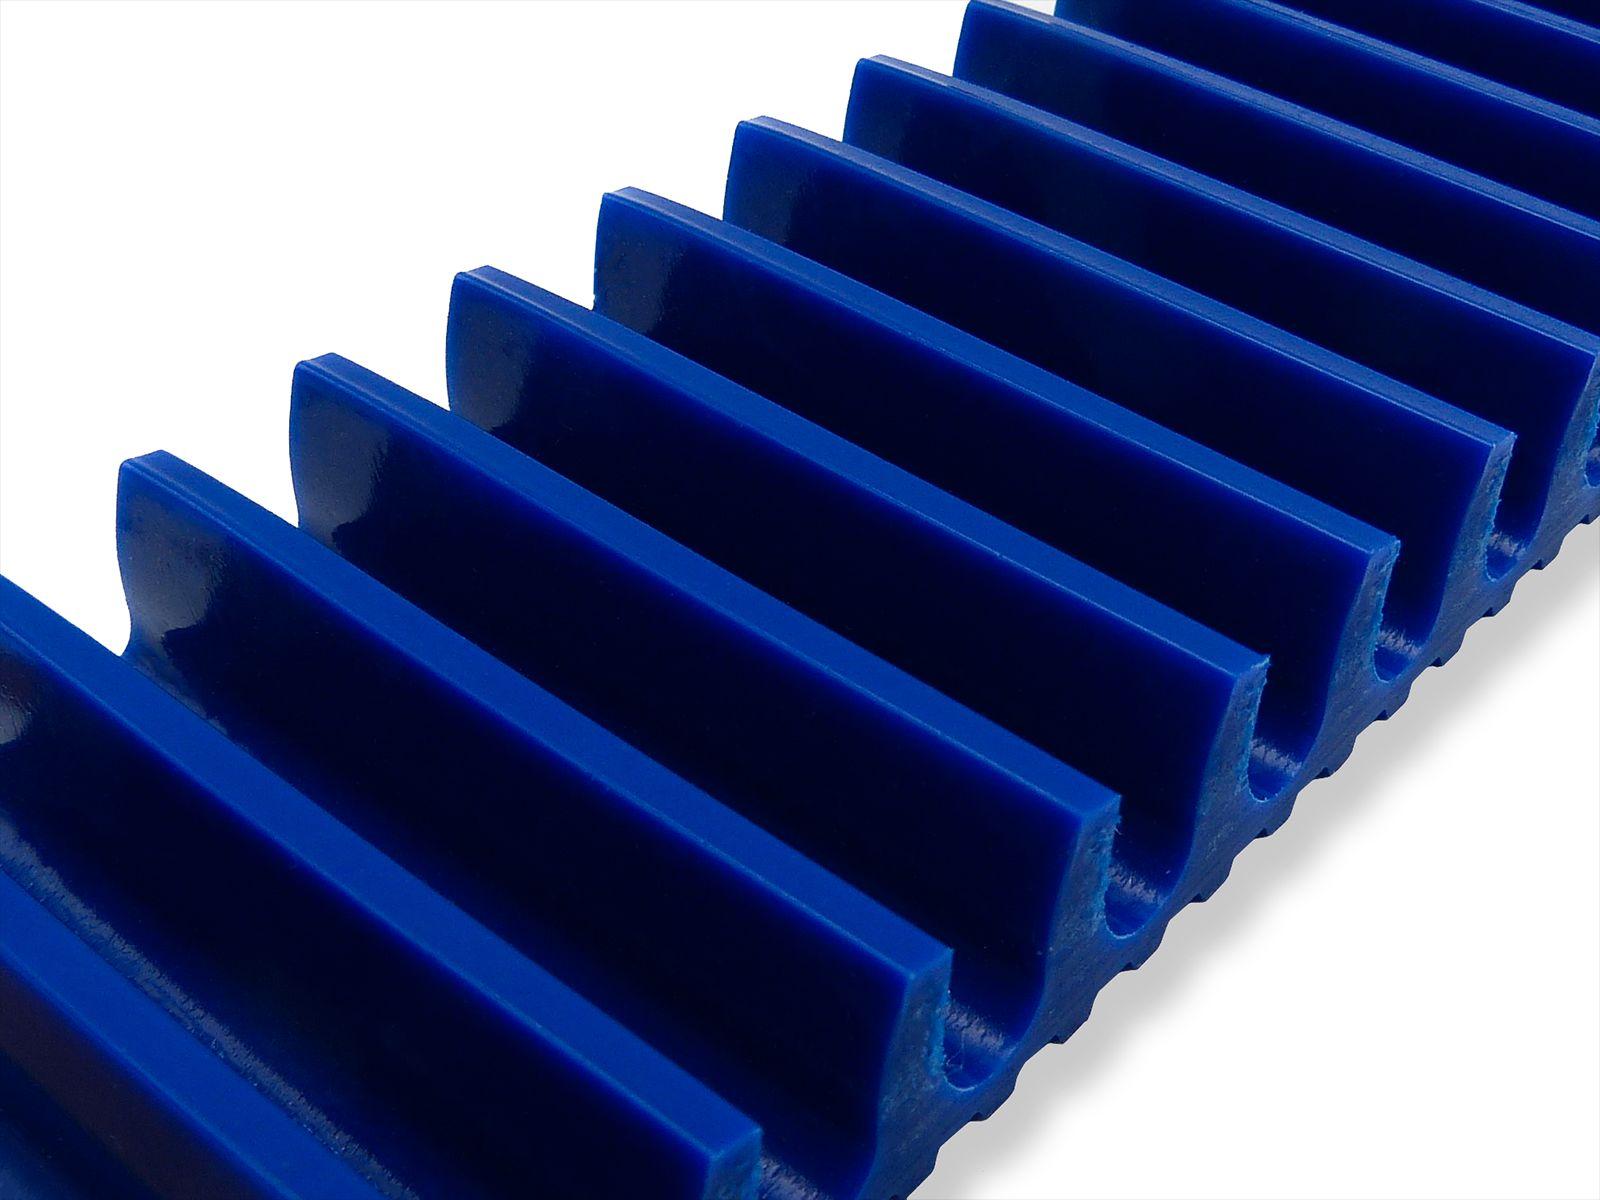 Tasselli trasversali curvi altezza 10 mm spessore 3mm ad interasse 10 mm